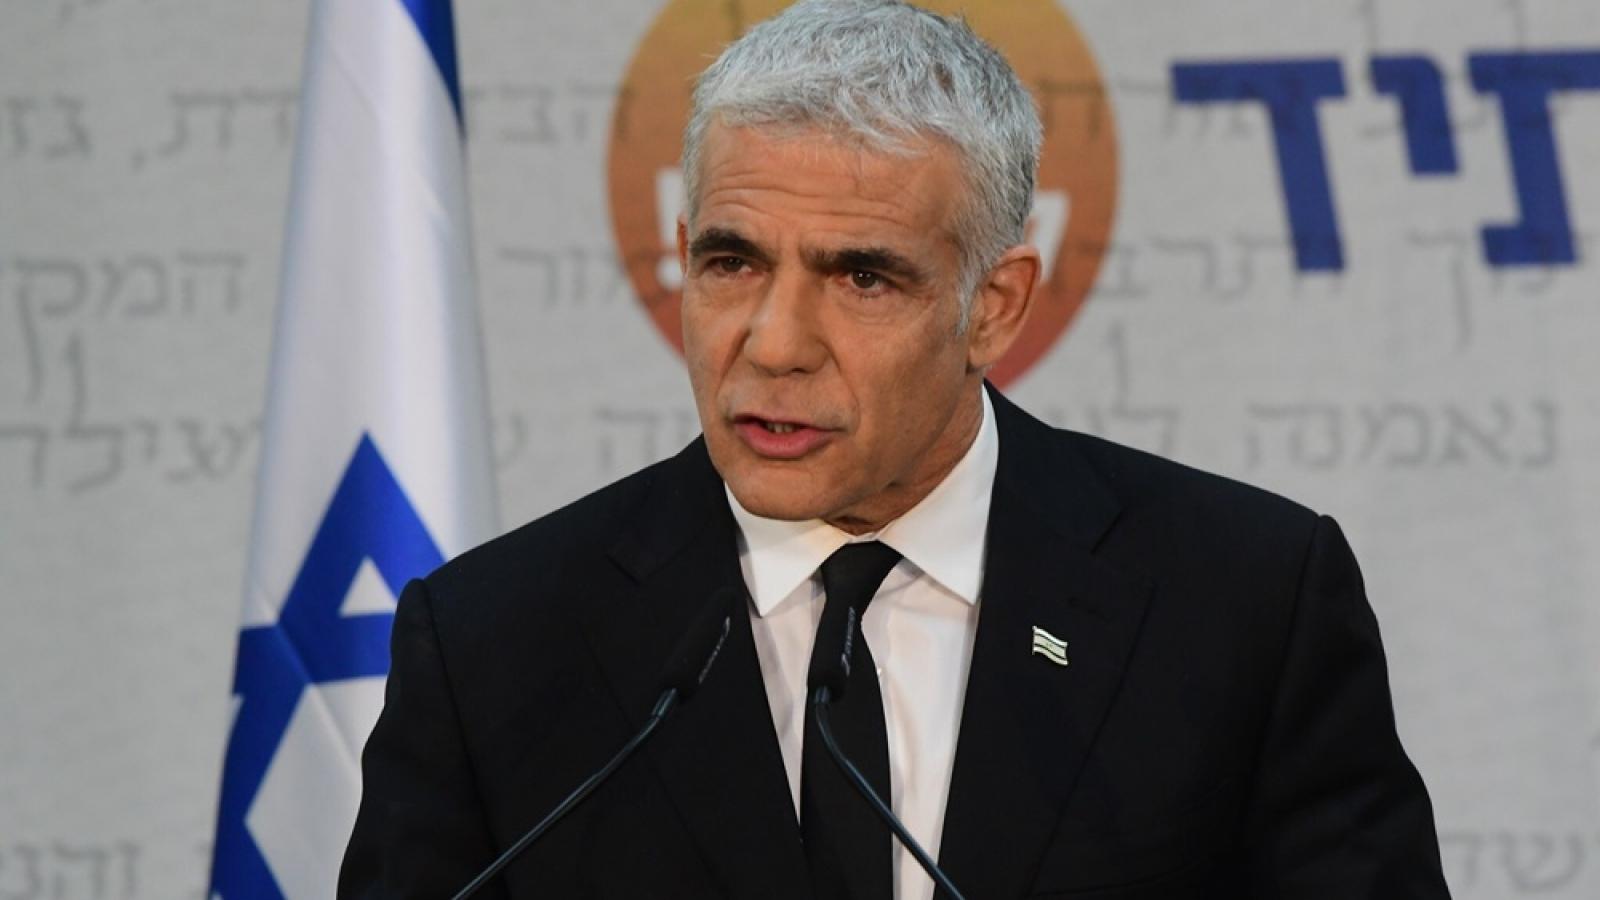 Quốc hội Israel sẽ sớm bỏ phiếu thông qua chính phủ mới